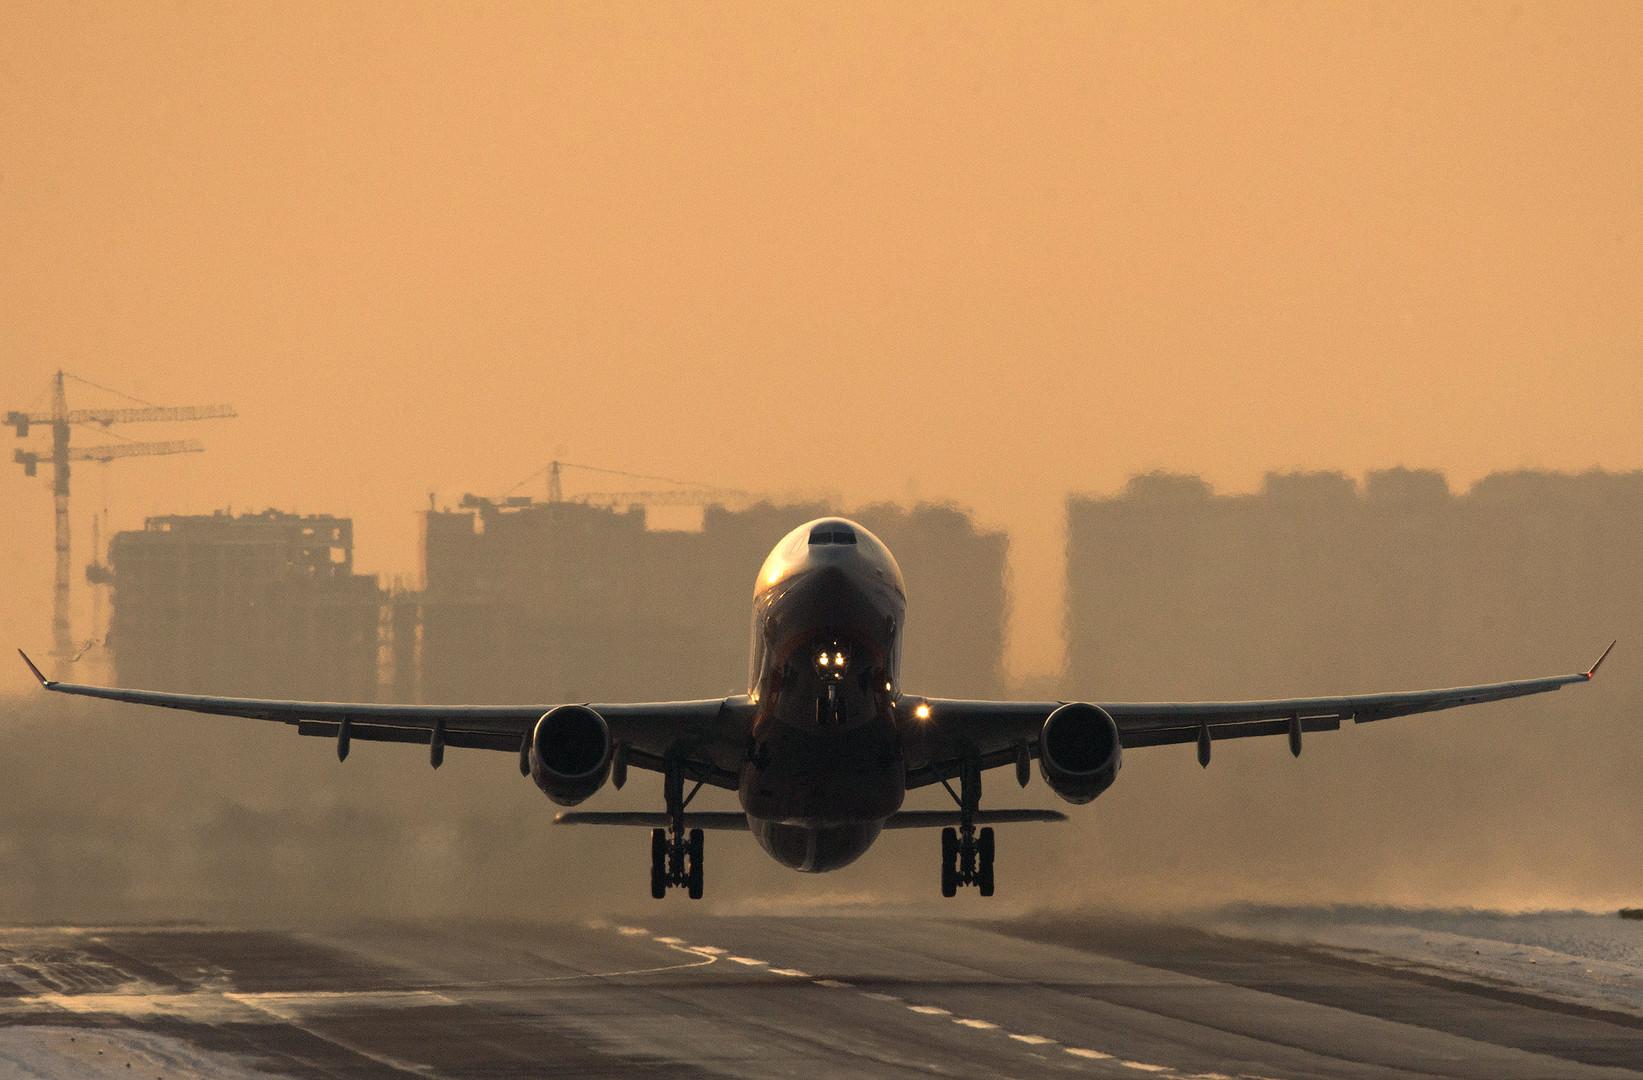 Схватывать на лету: с авиадебоширами будут бороться чёрными списками и реальными сроками